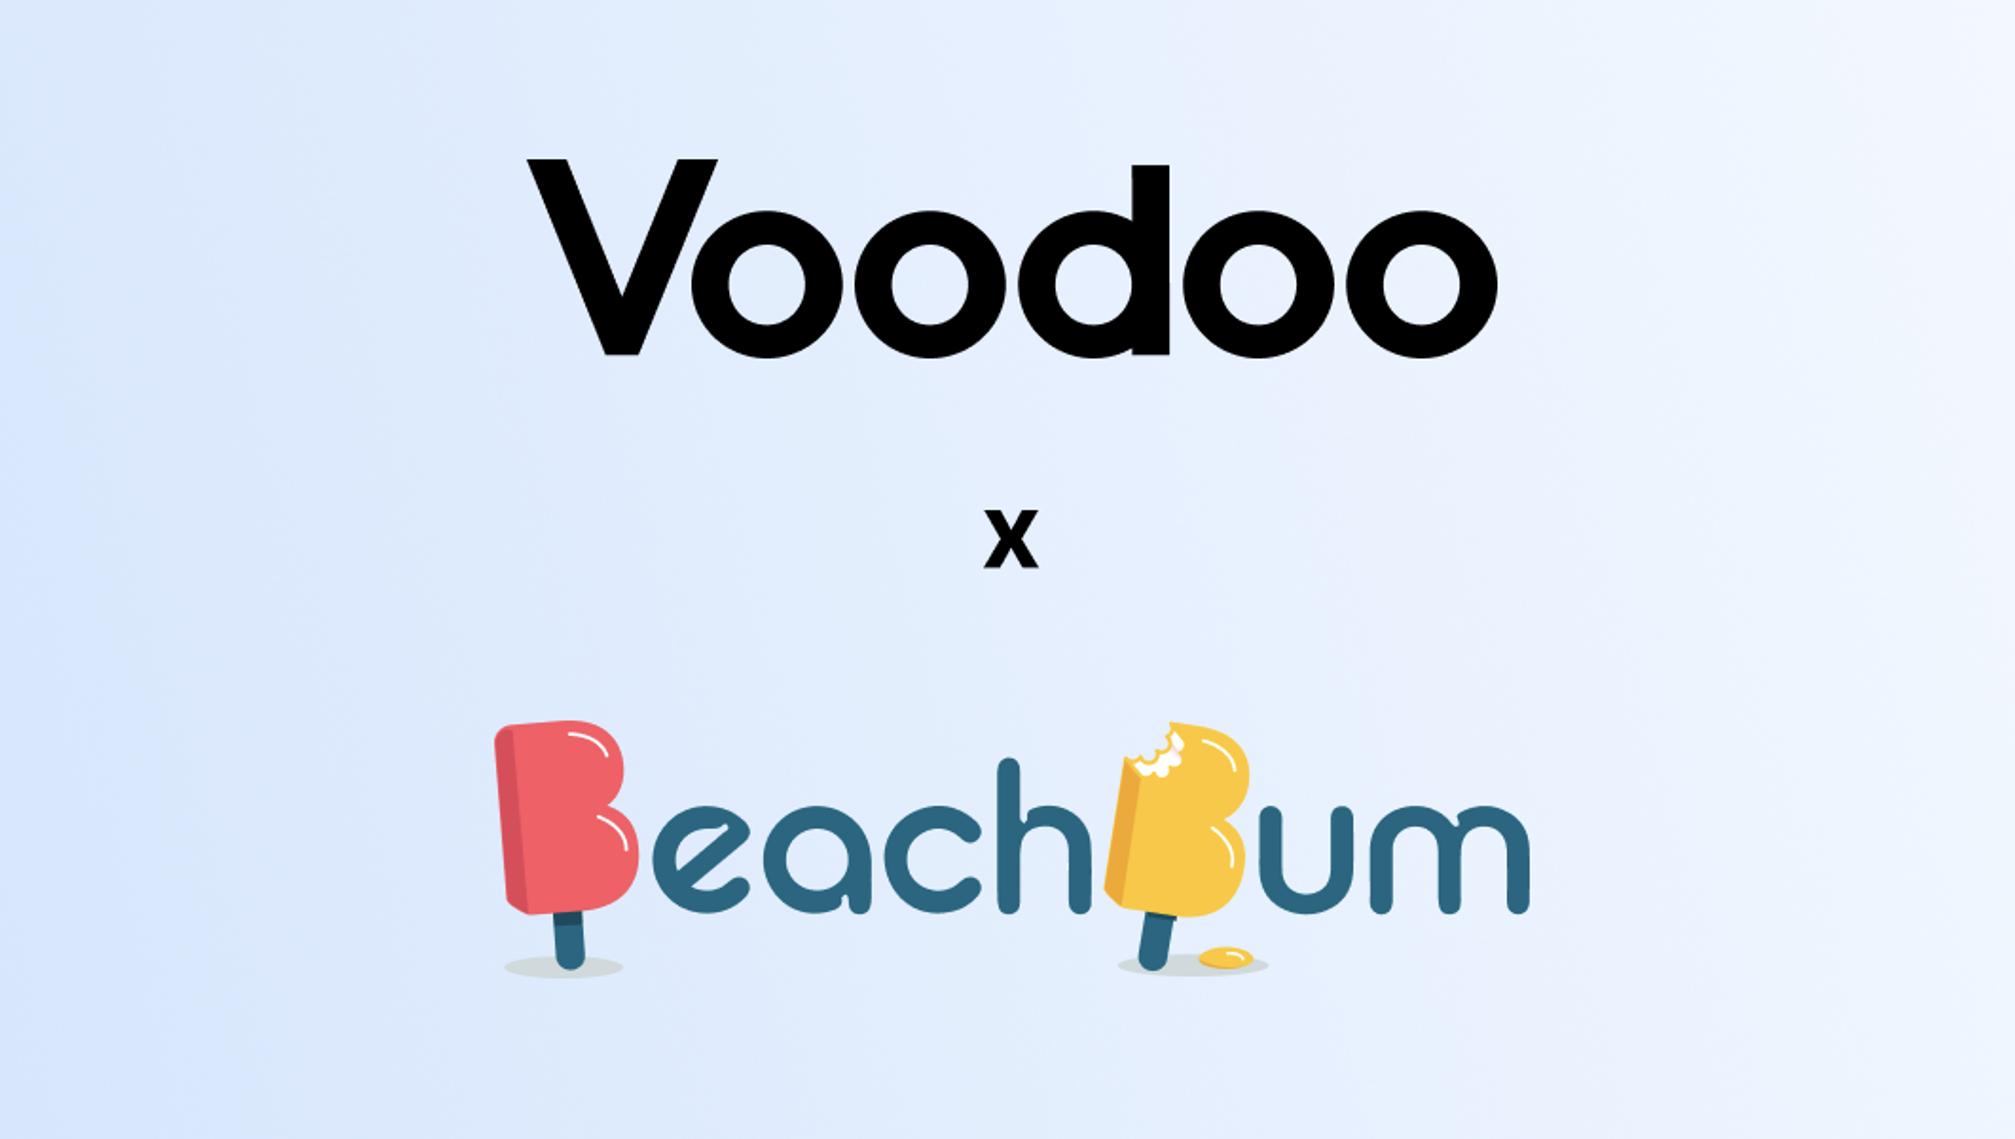 Voodoo Beach Bum